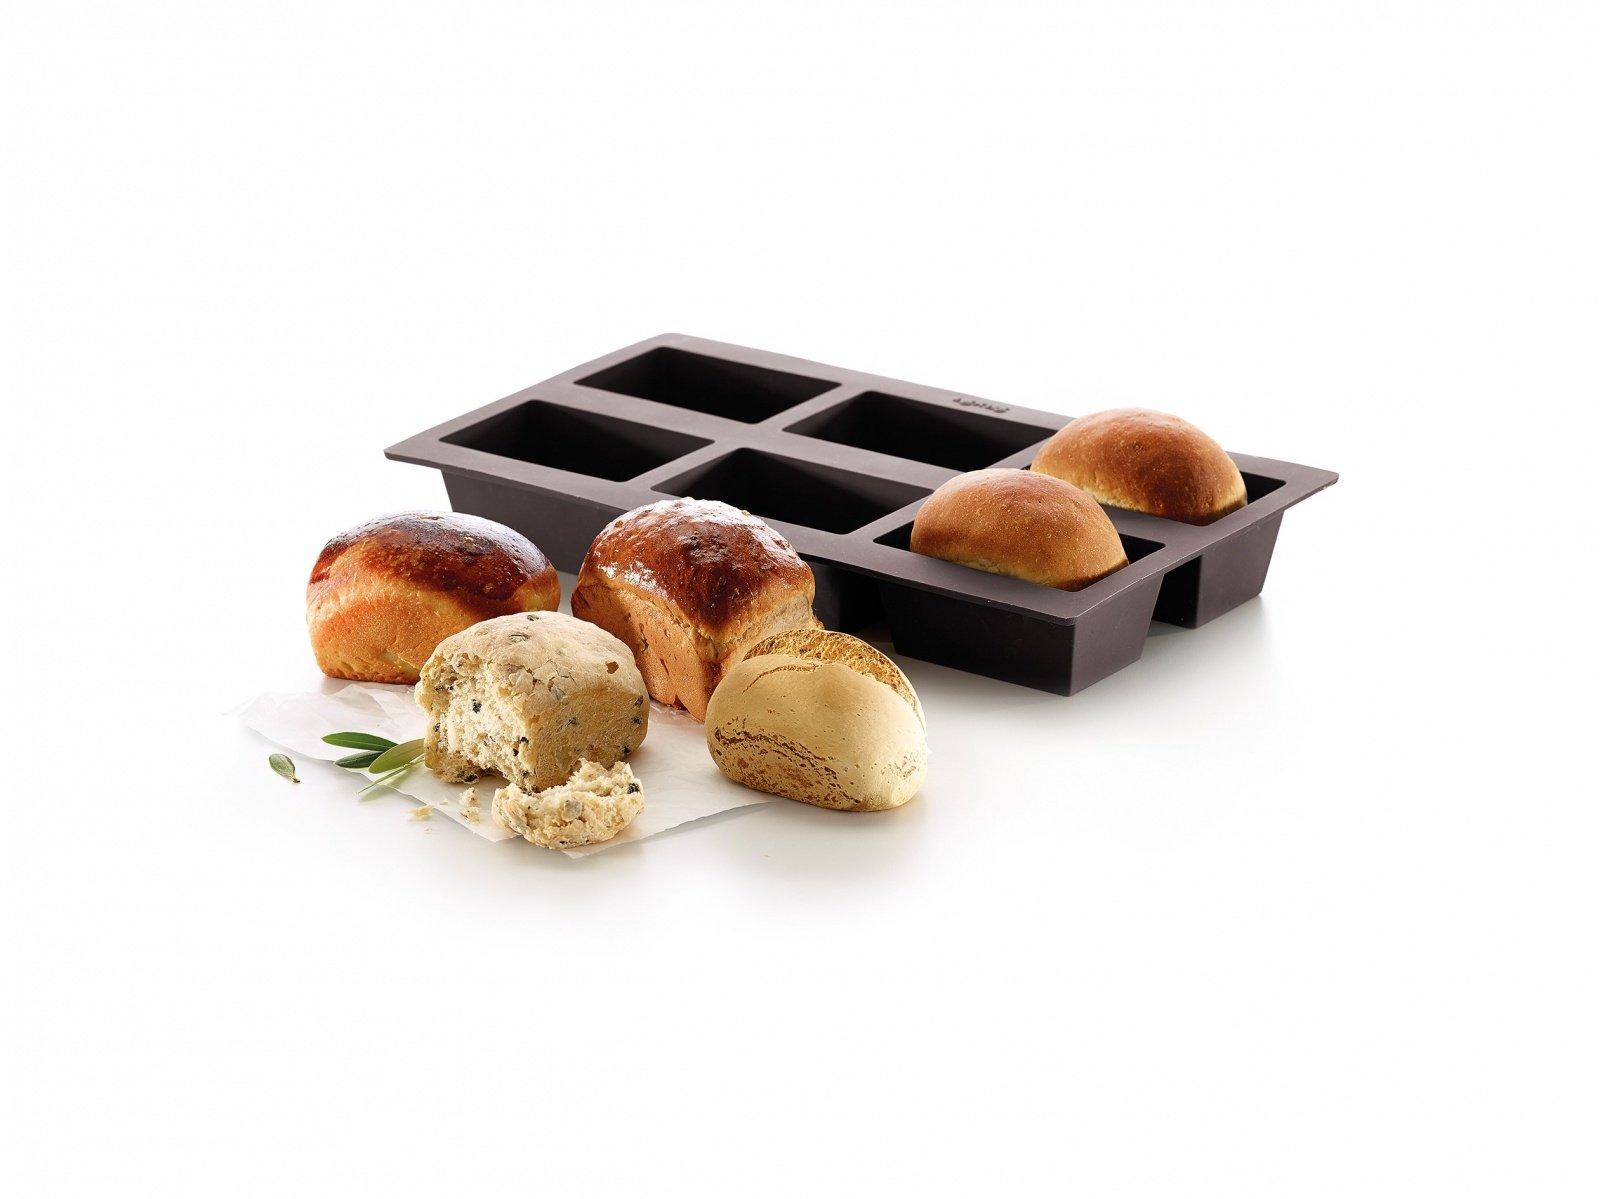 """Форма для хлеба """"Прямоугольные булочки 6 шт."""" Lekue силиконовая, коричневый"""